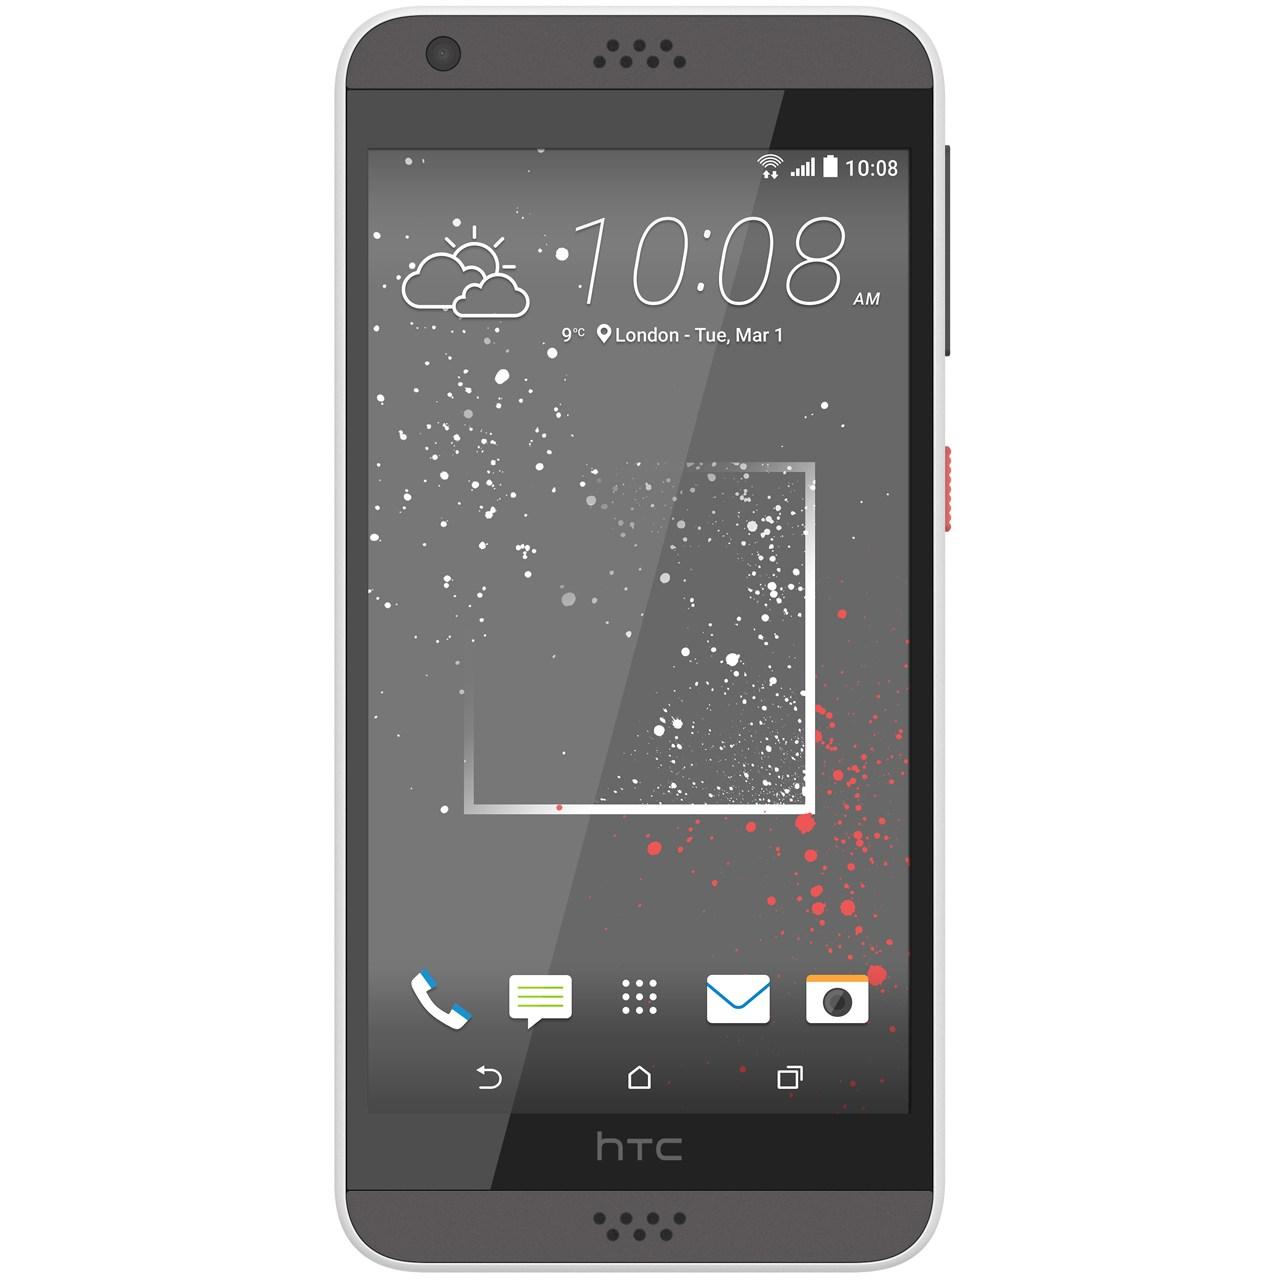 خرید گوشی موبایل اچ تی سی مدل Desire 530 D530u